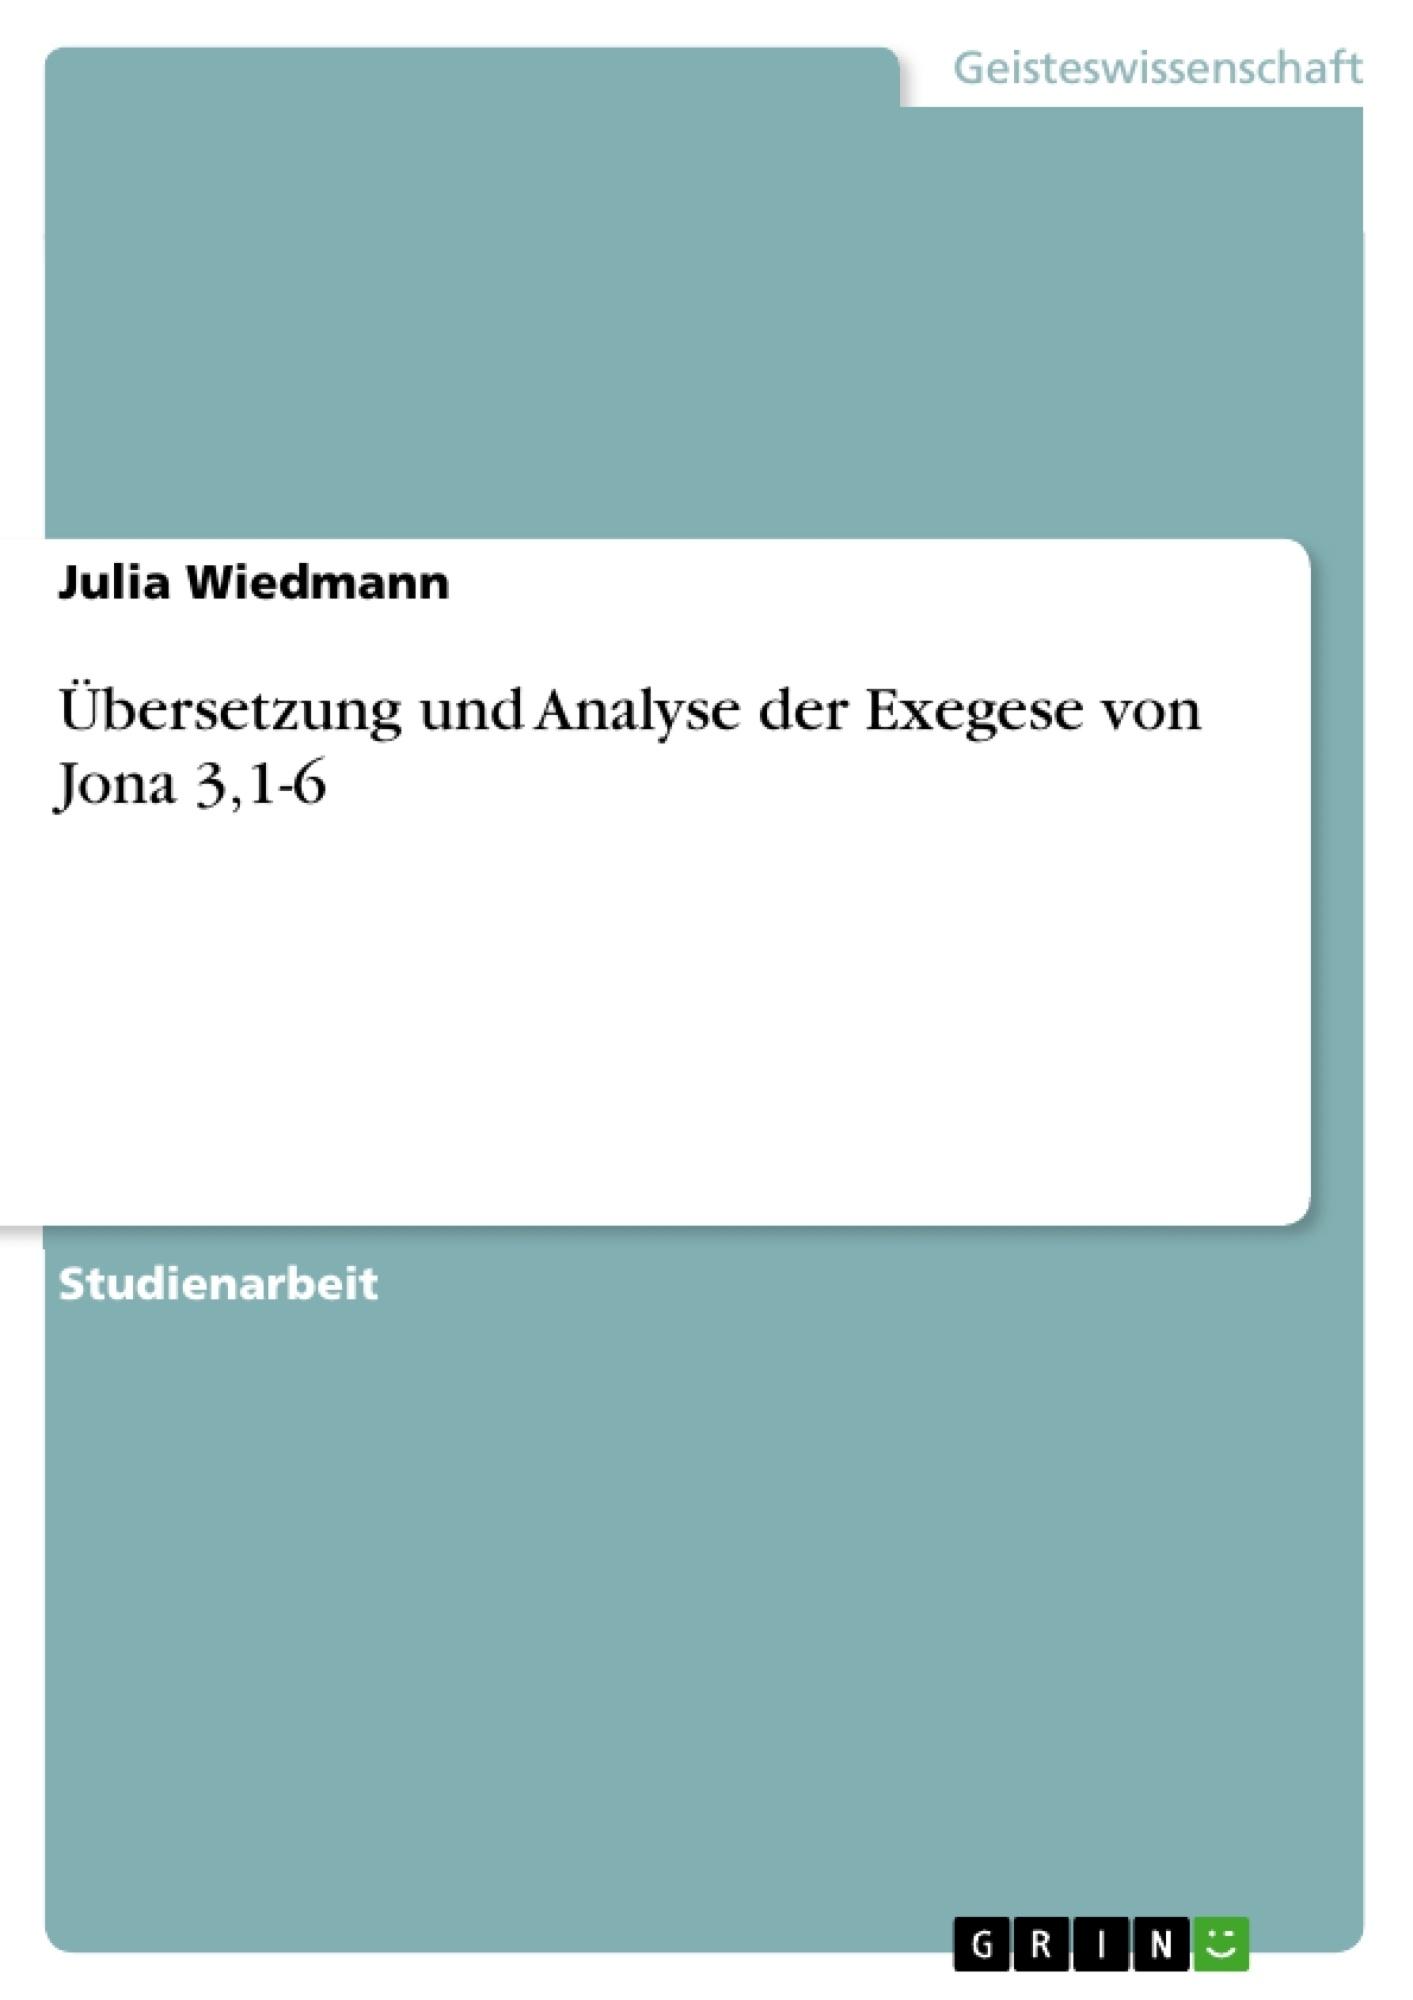 Titel: Übersetzung und Analyse der Exegese von Jona 3,1-6